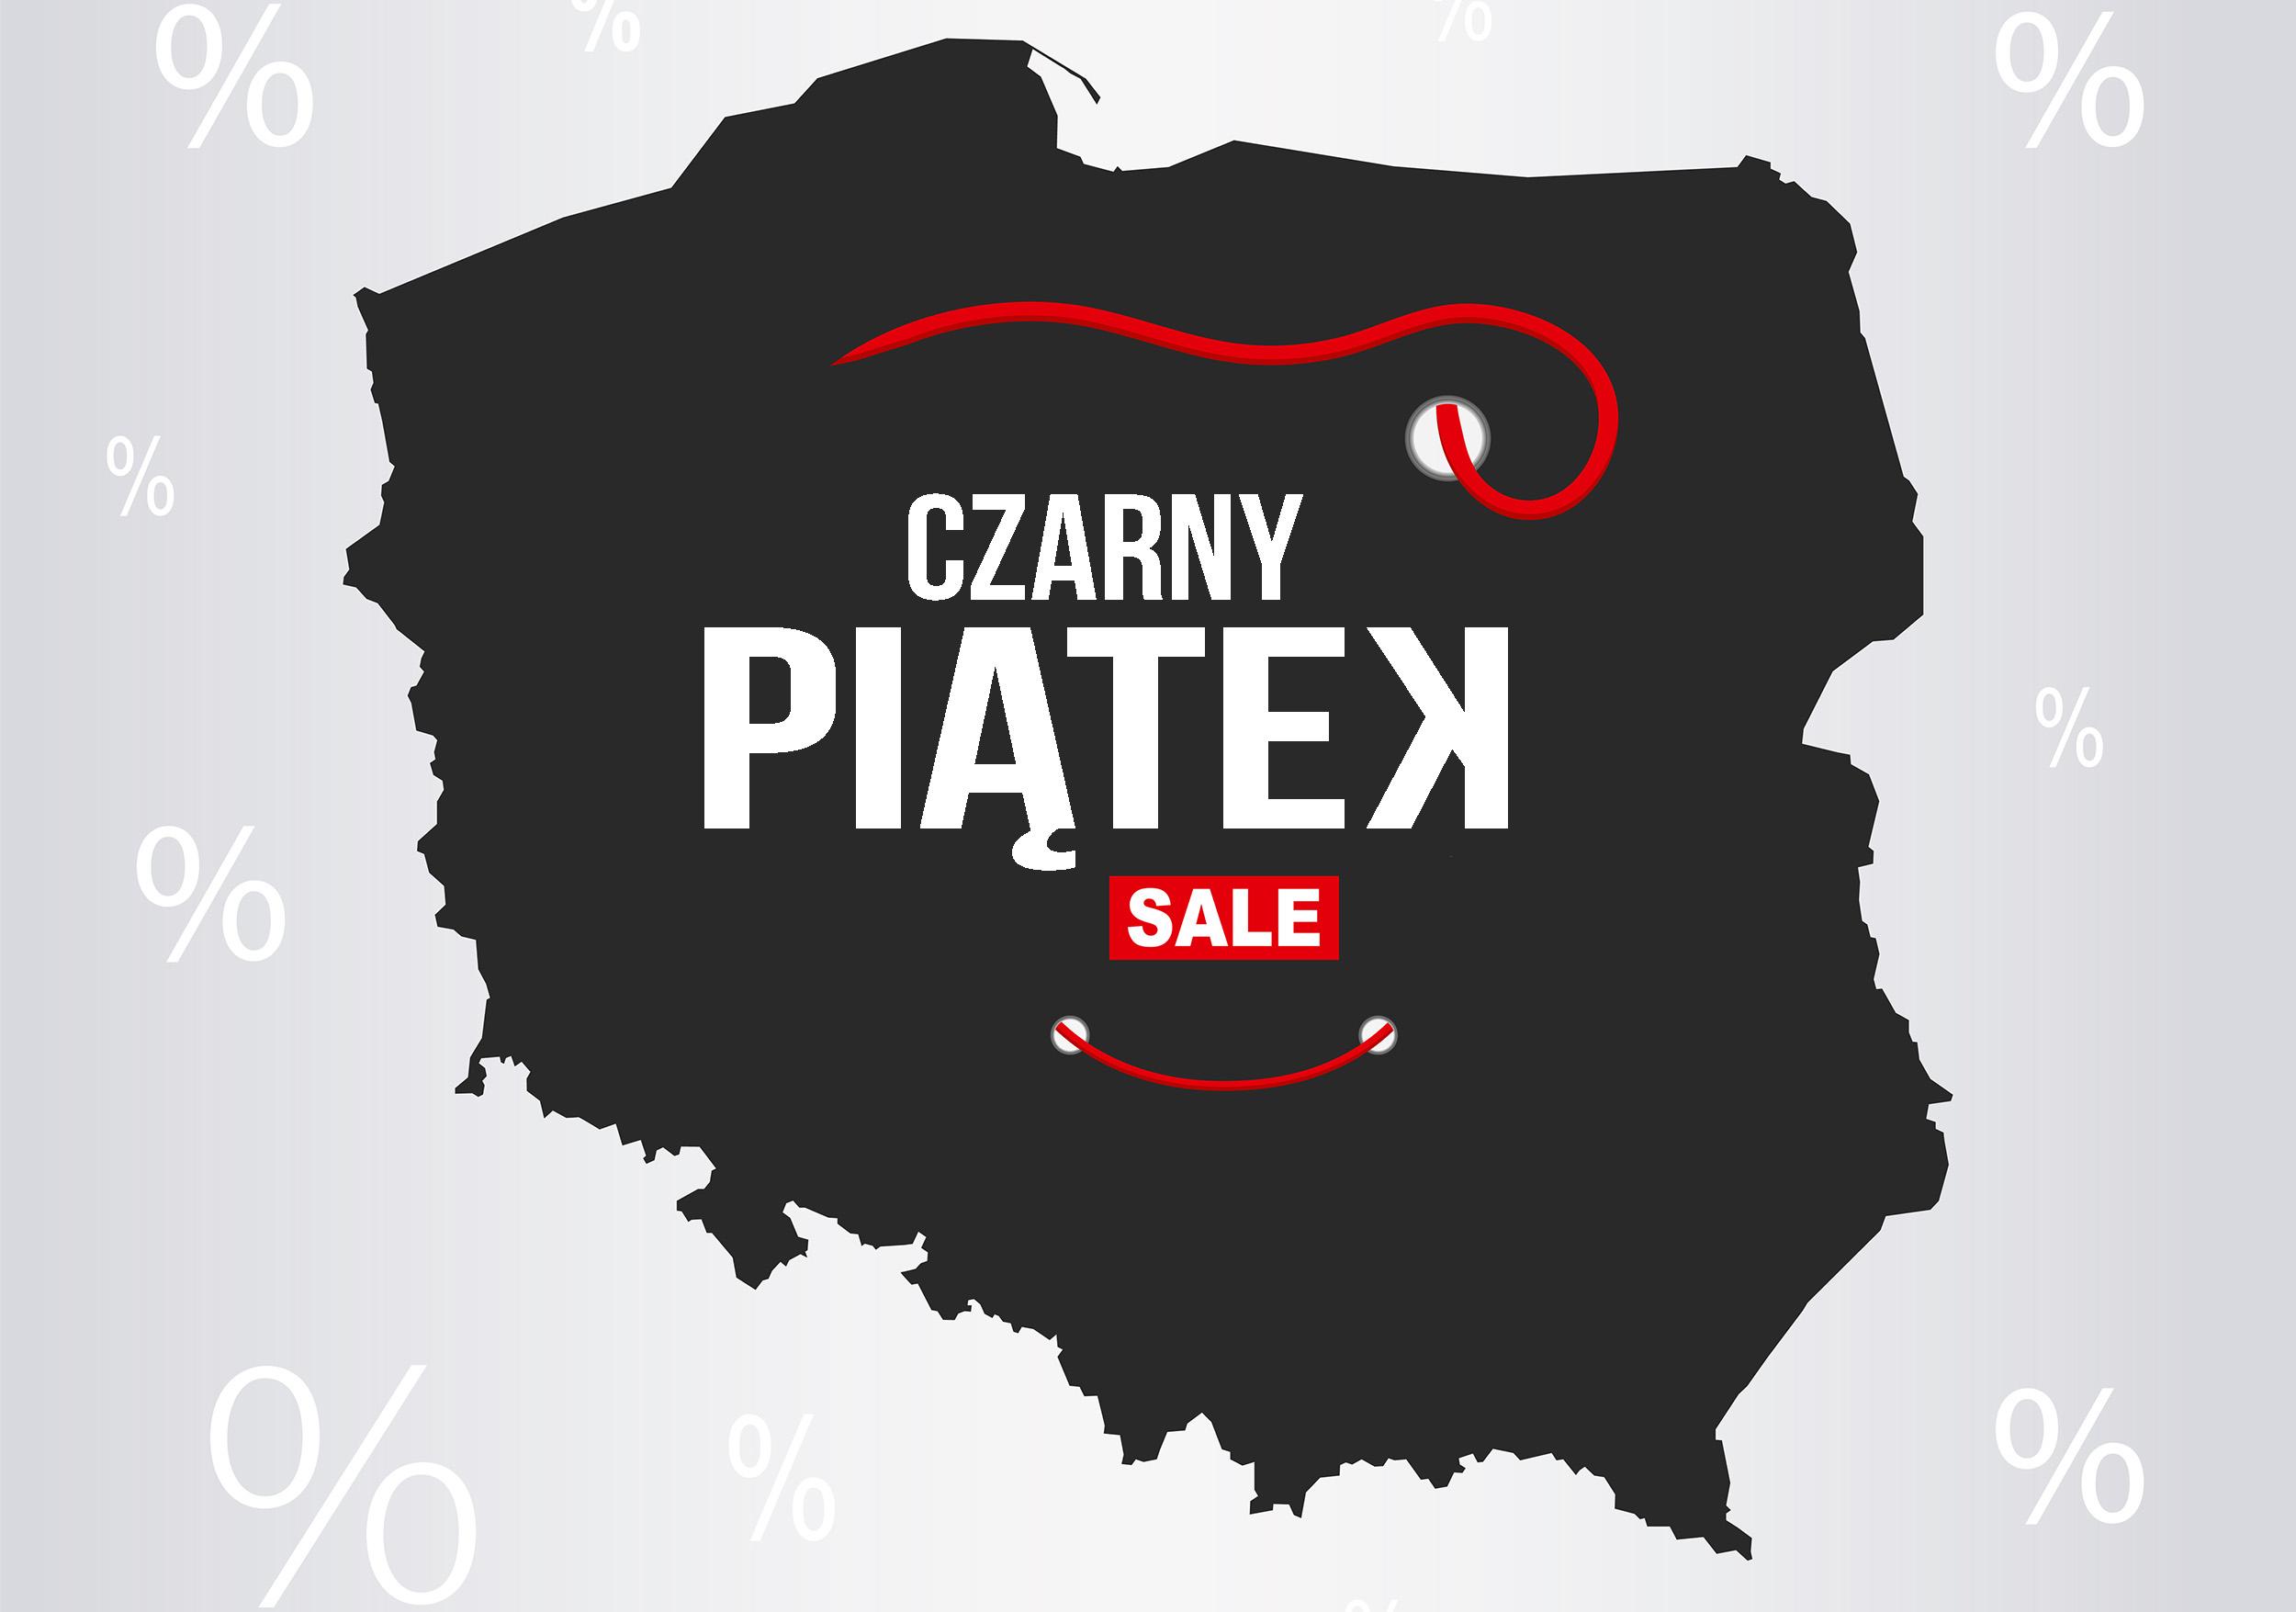 Czarny Piątek 2017 w Polsce. Najlepsze promocje i rabaty w jednym miejscu